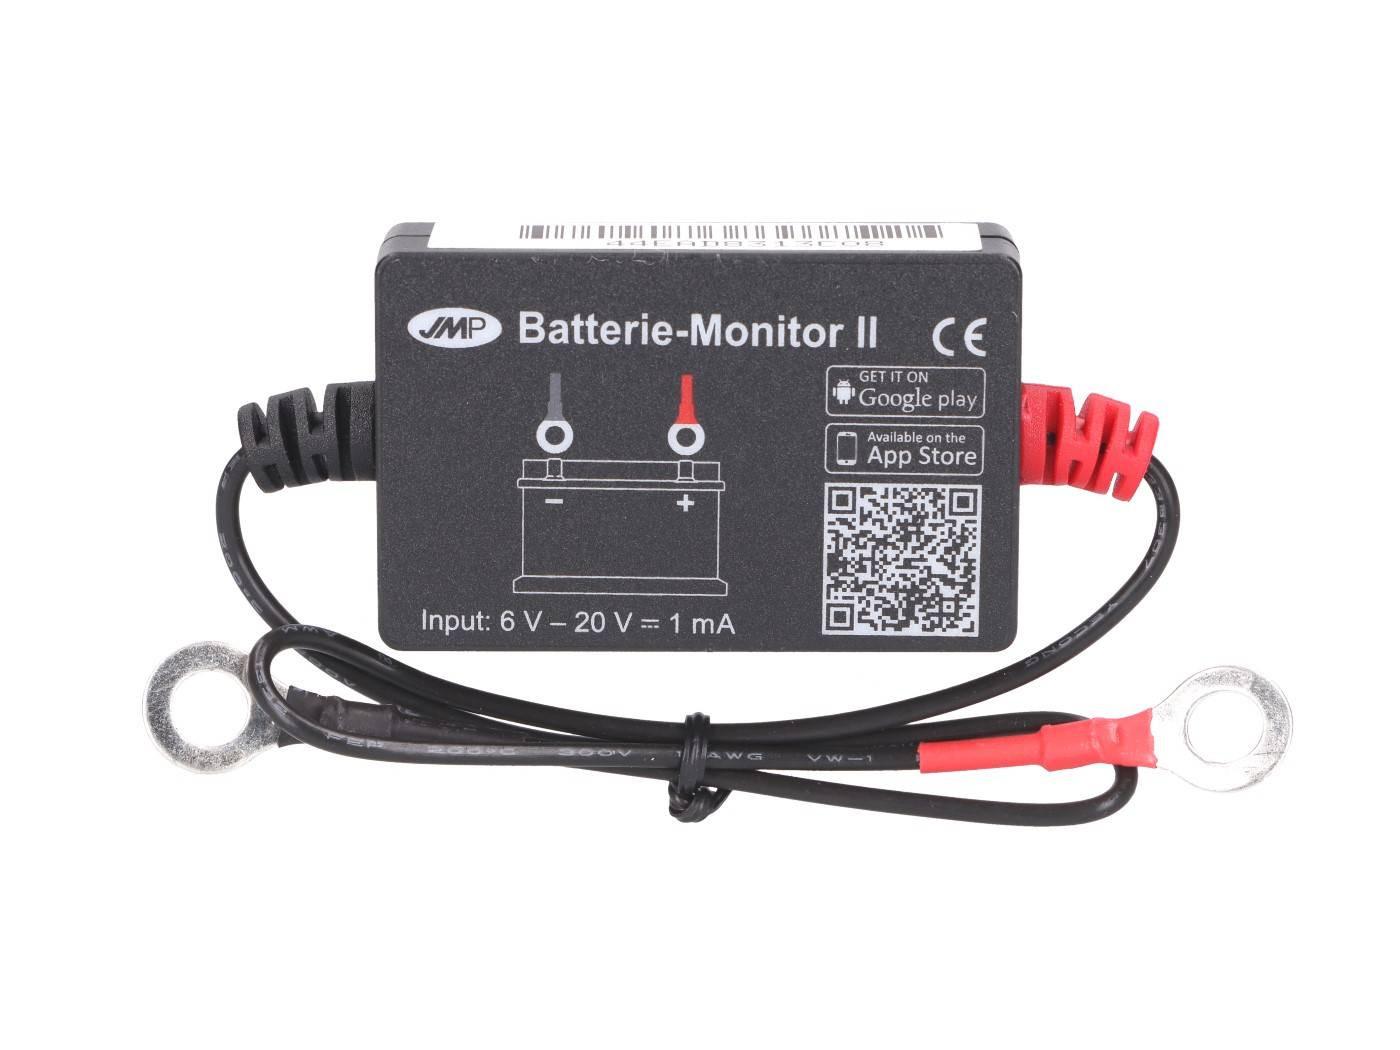 Bluetooth-os akkumulátor monitor okostelefonokhoz és tabletekhez (iOS, Android)